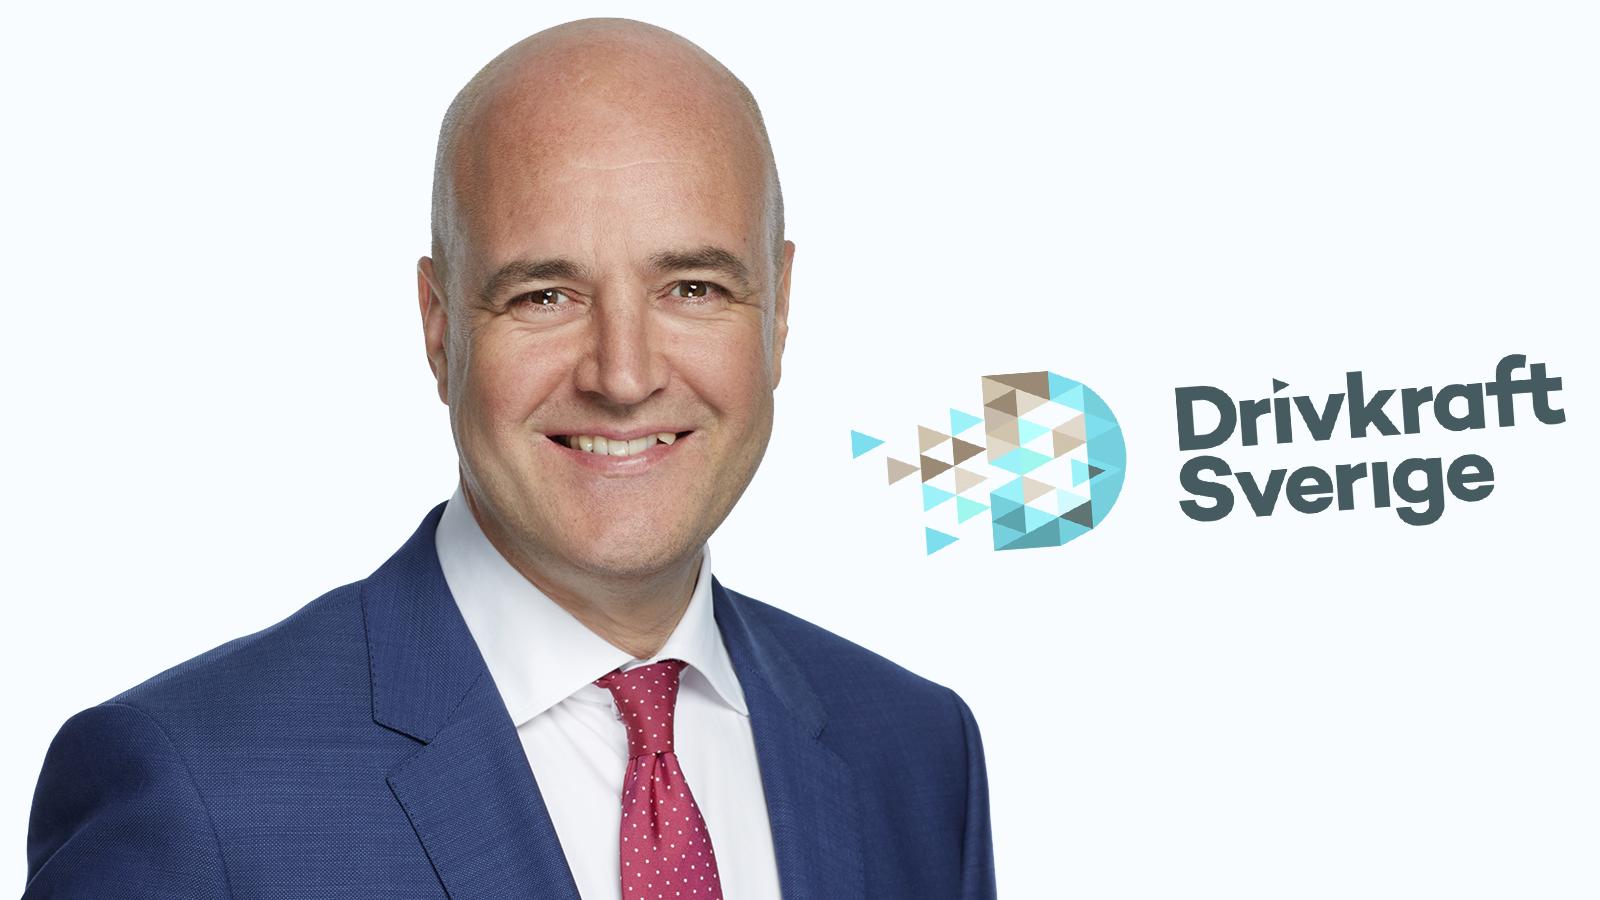 """Reinfeldt värvad som lobbyist åt fossilbolag: """"Djupt omoraliskt"""""""